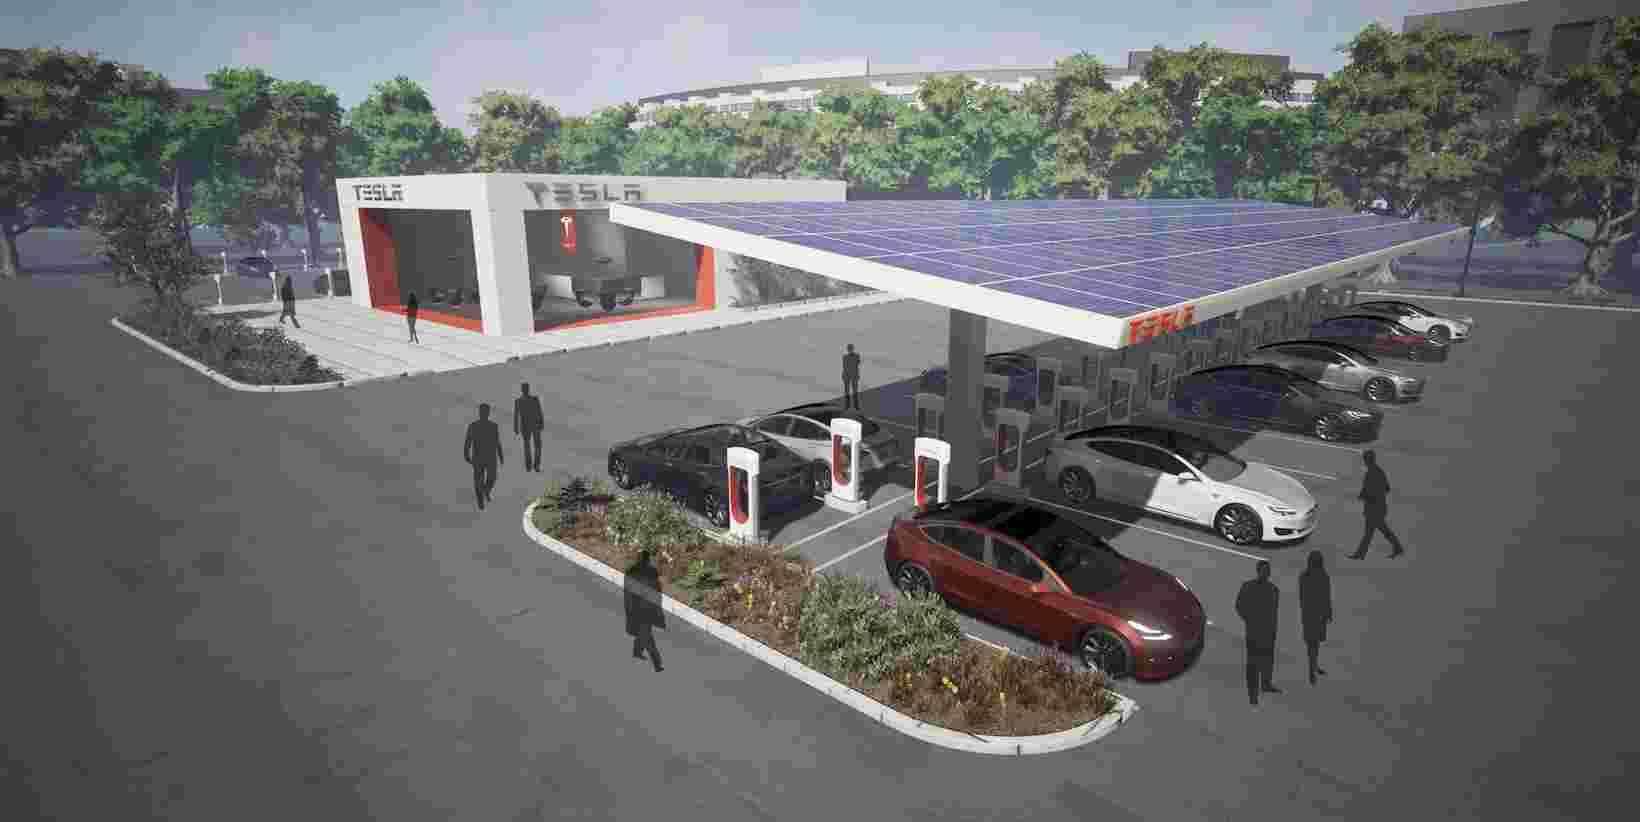 特斯拉在加州推出夜间充电5折优惠计划